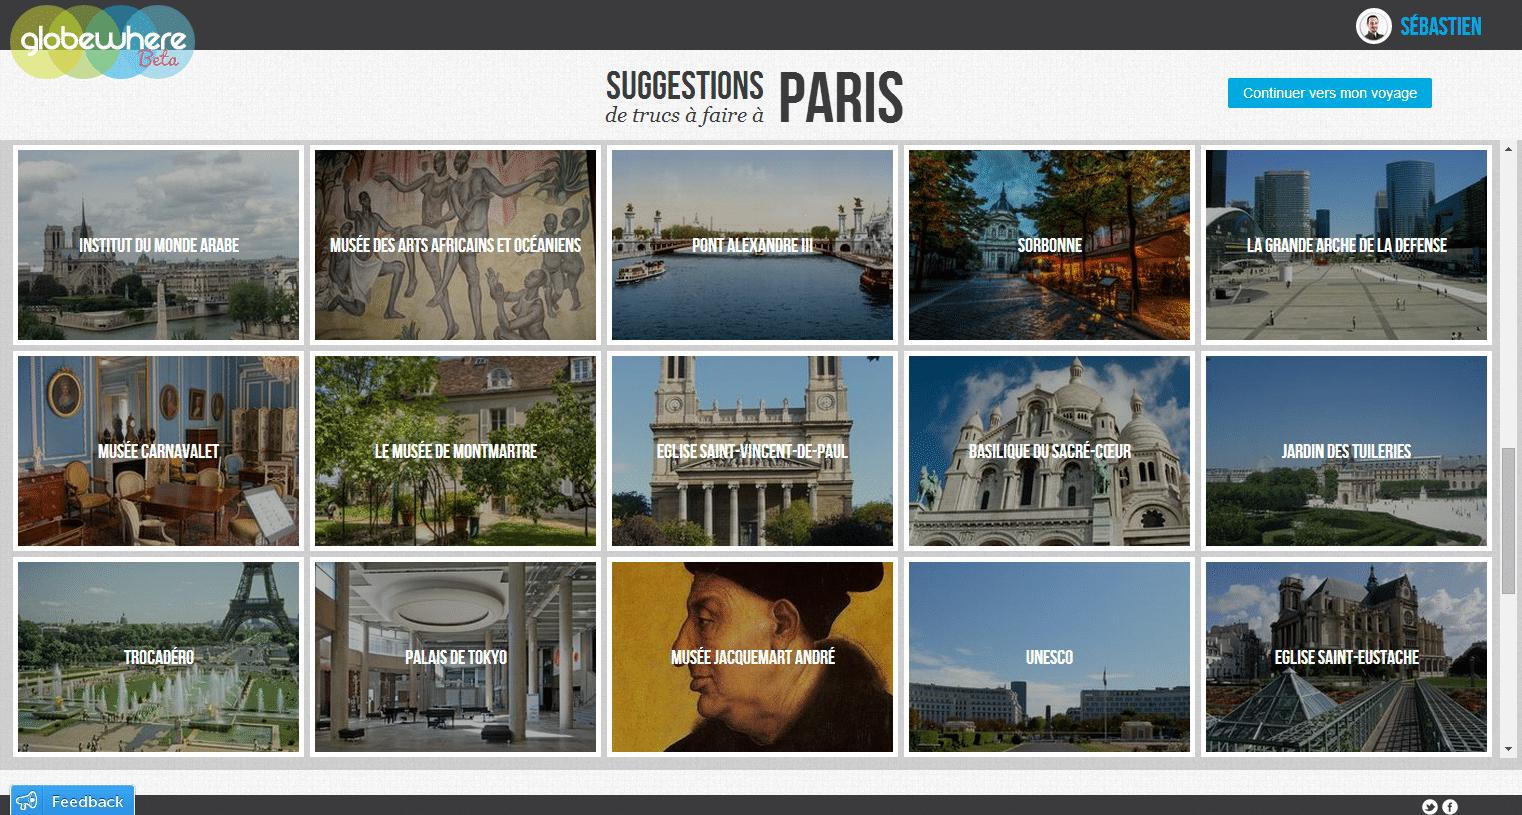 suggestions_paris